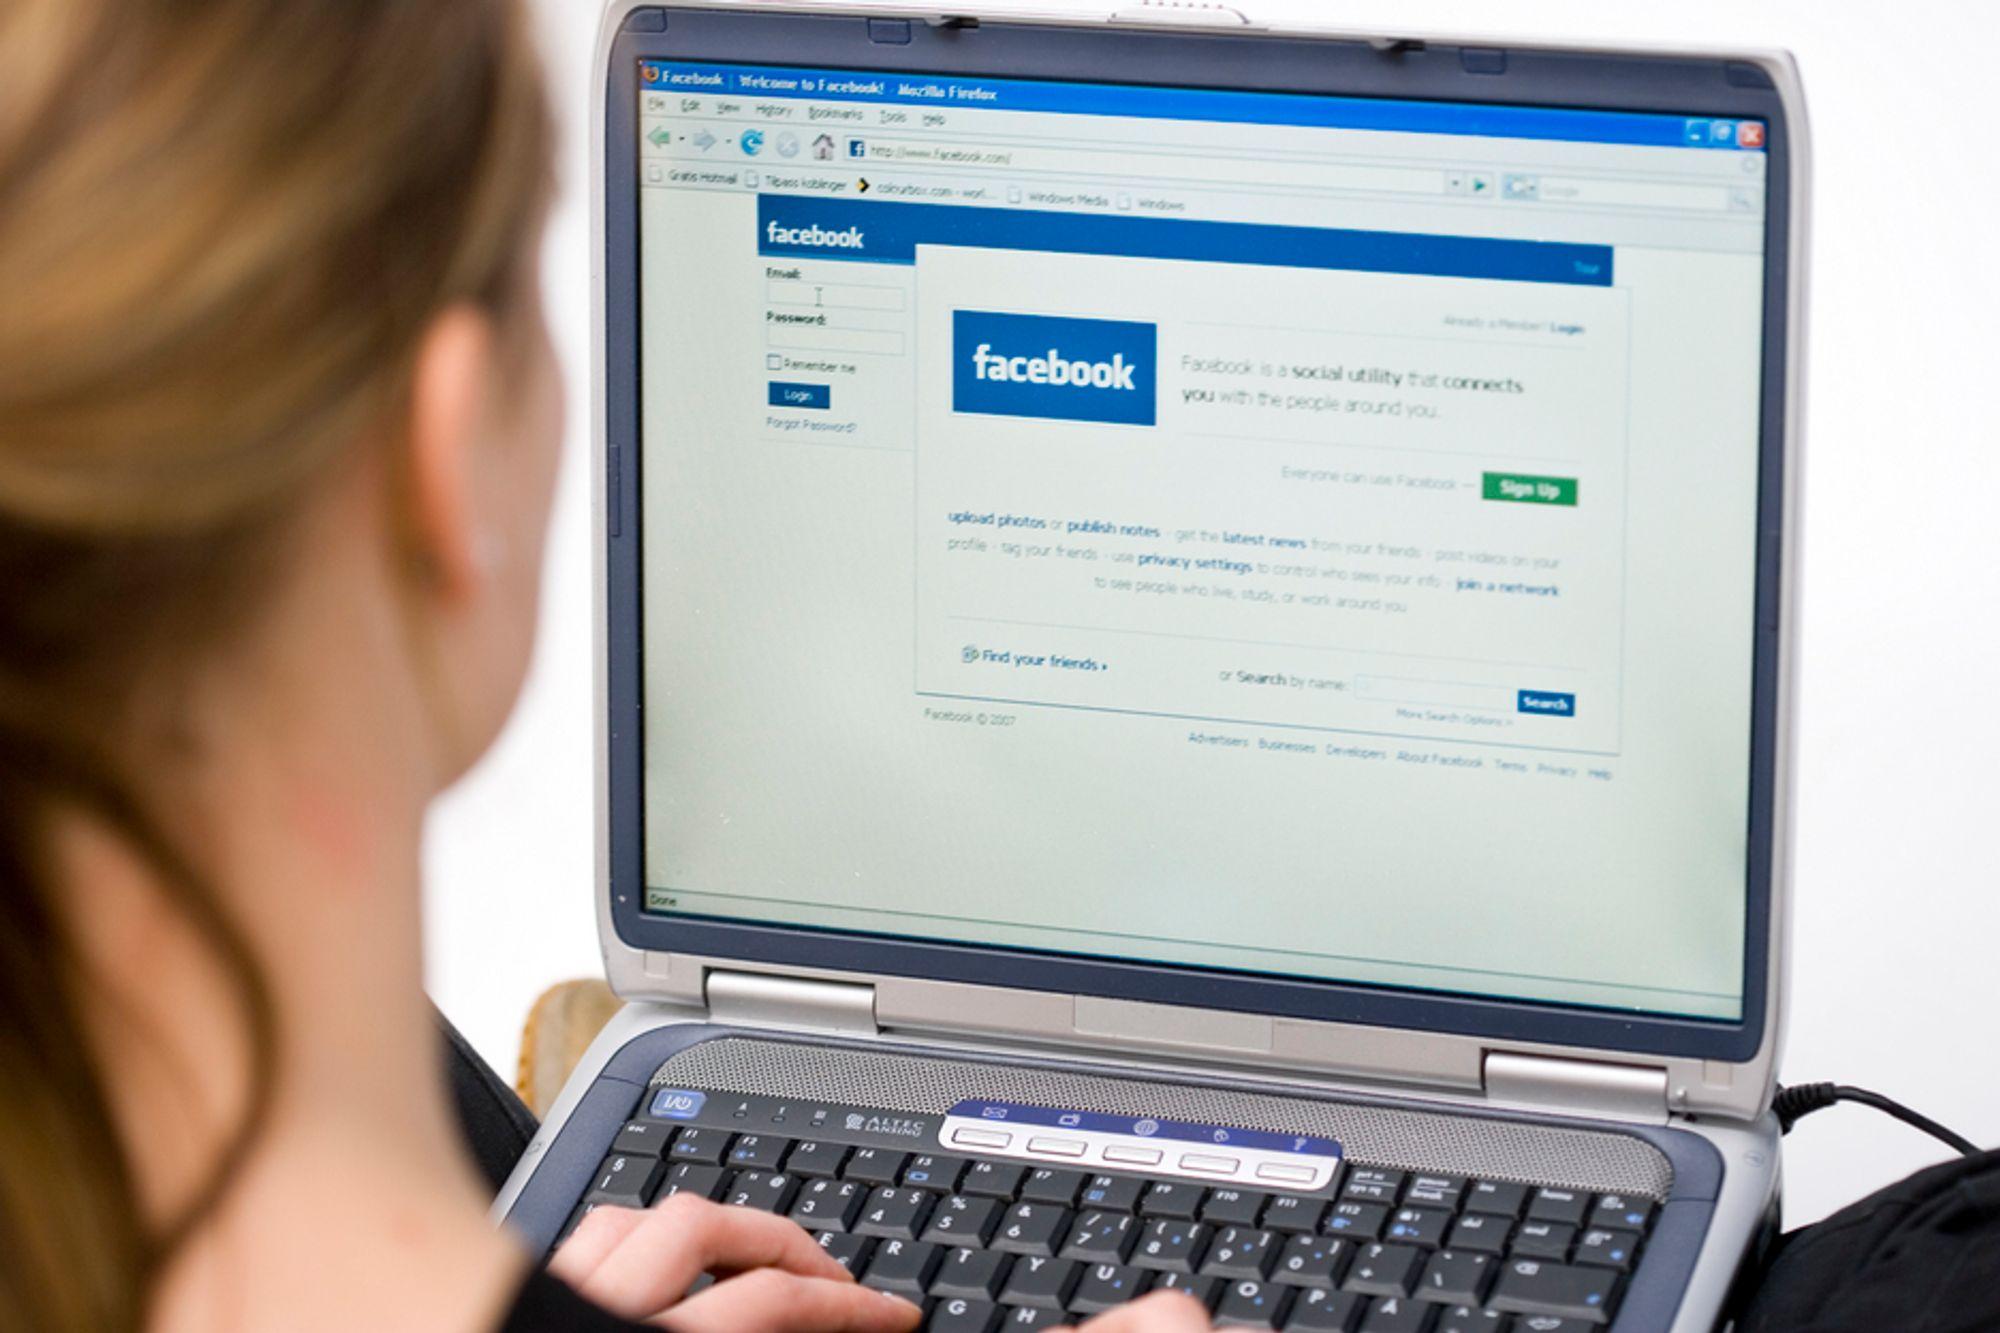 På landsmøtet til Norsk Journalistlag får ingen bruke laptop. - Gammeldags, mener studentleder Mari Hauge.